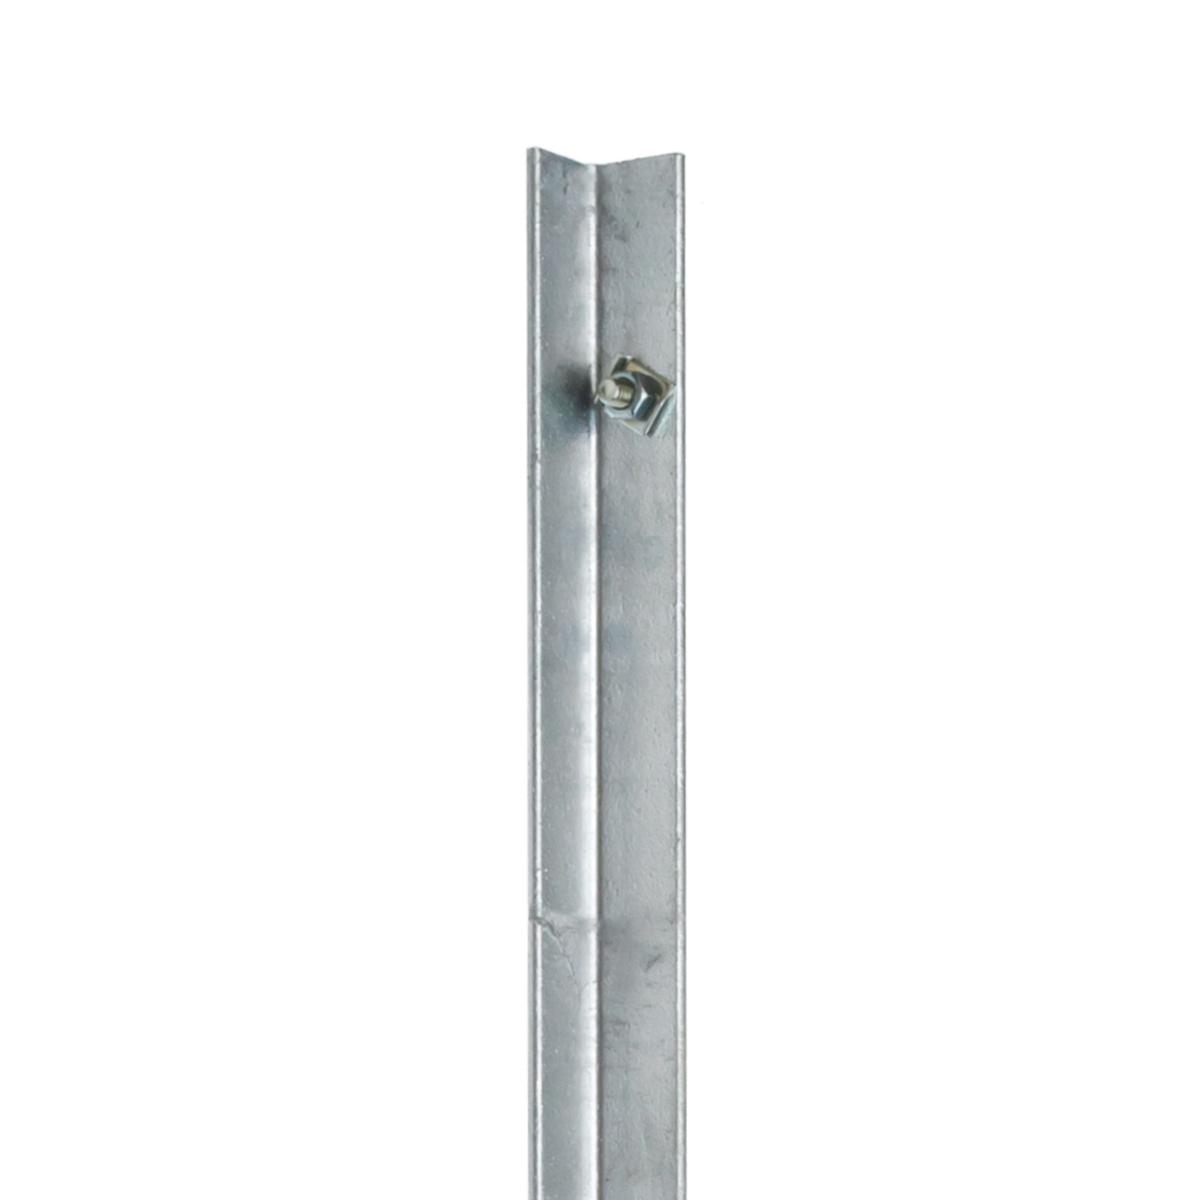 Bară metalică profil L pentru împământare